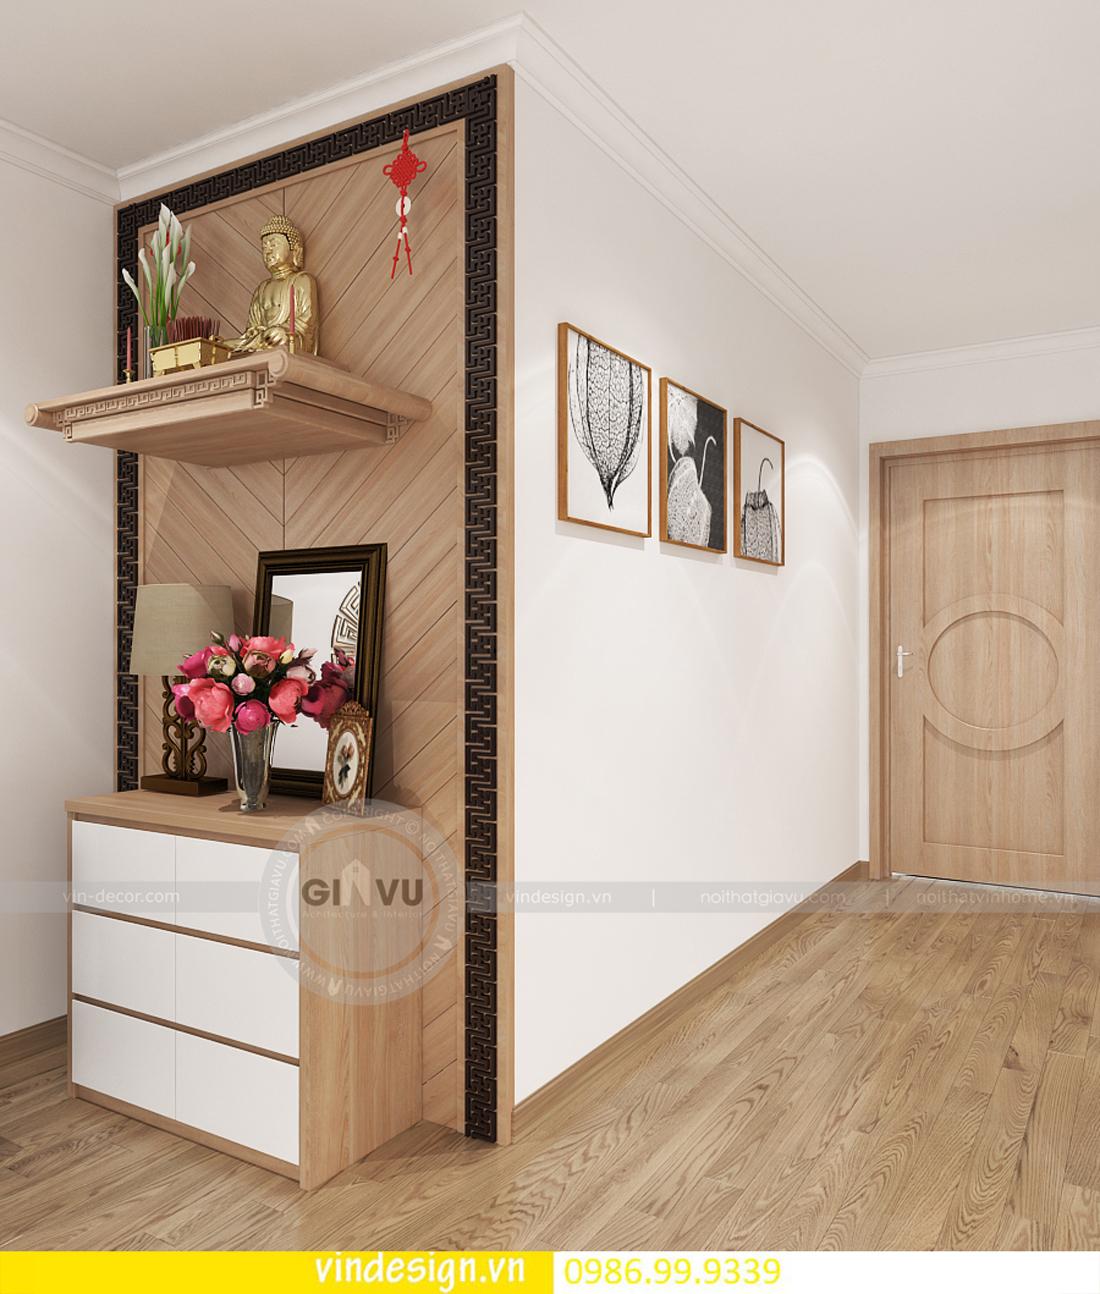 mẫu thiết kế nội thất D Capitale căn 3 phòng ngủ 04